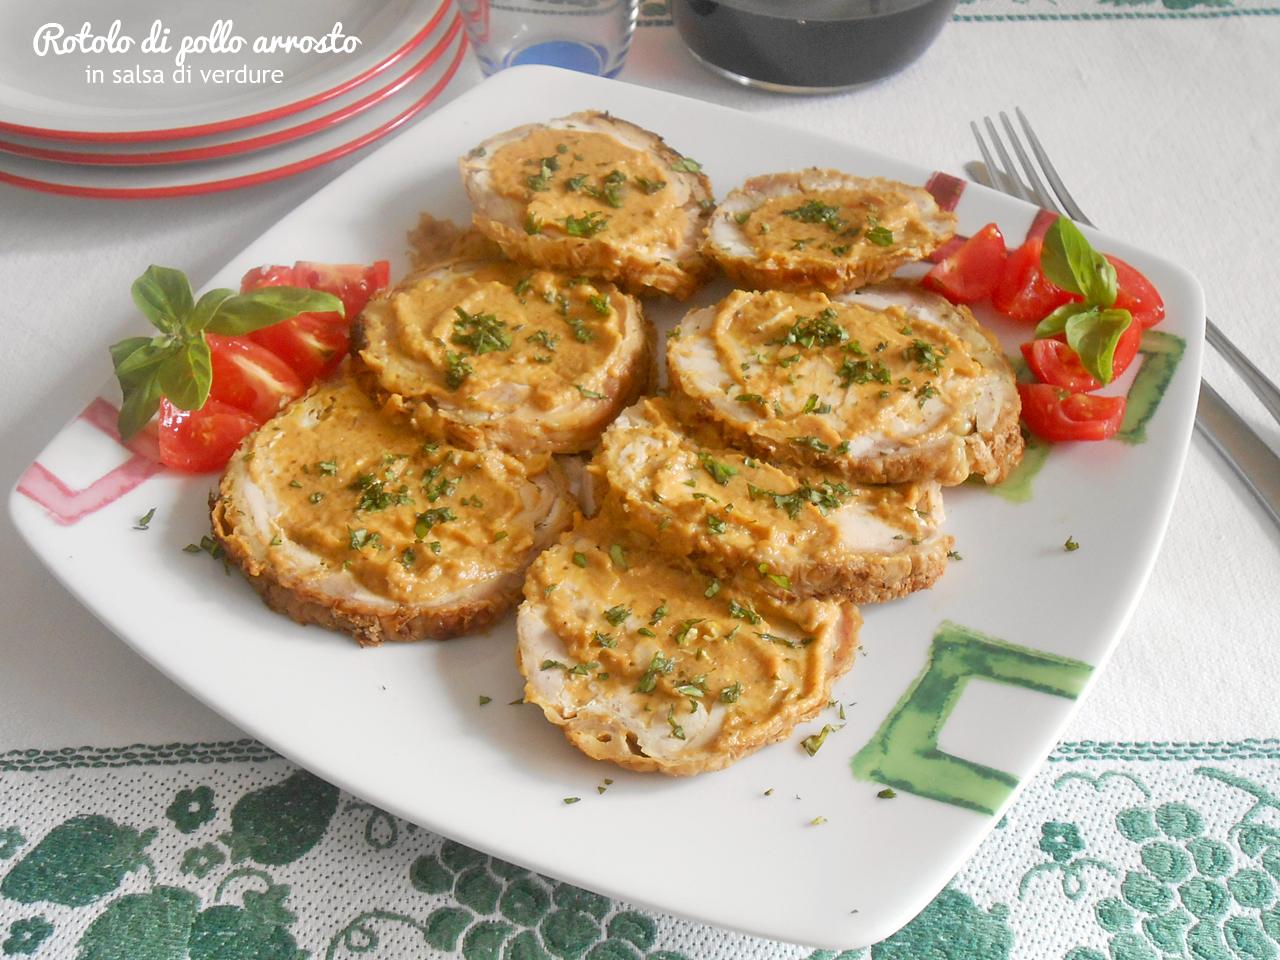 Rotolo di pollo arrosto in salsa di verdure